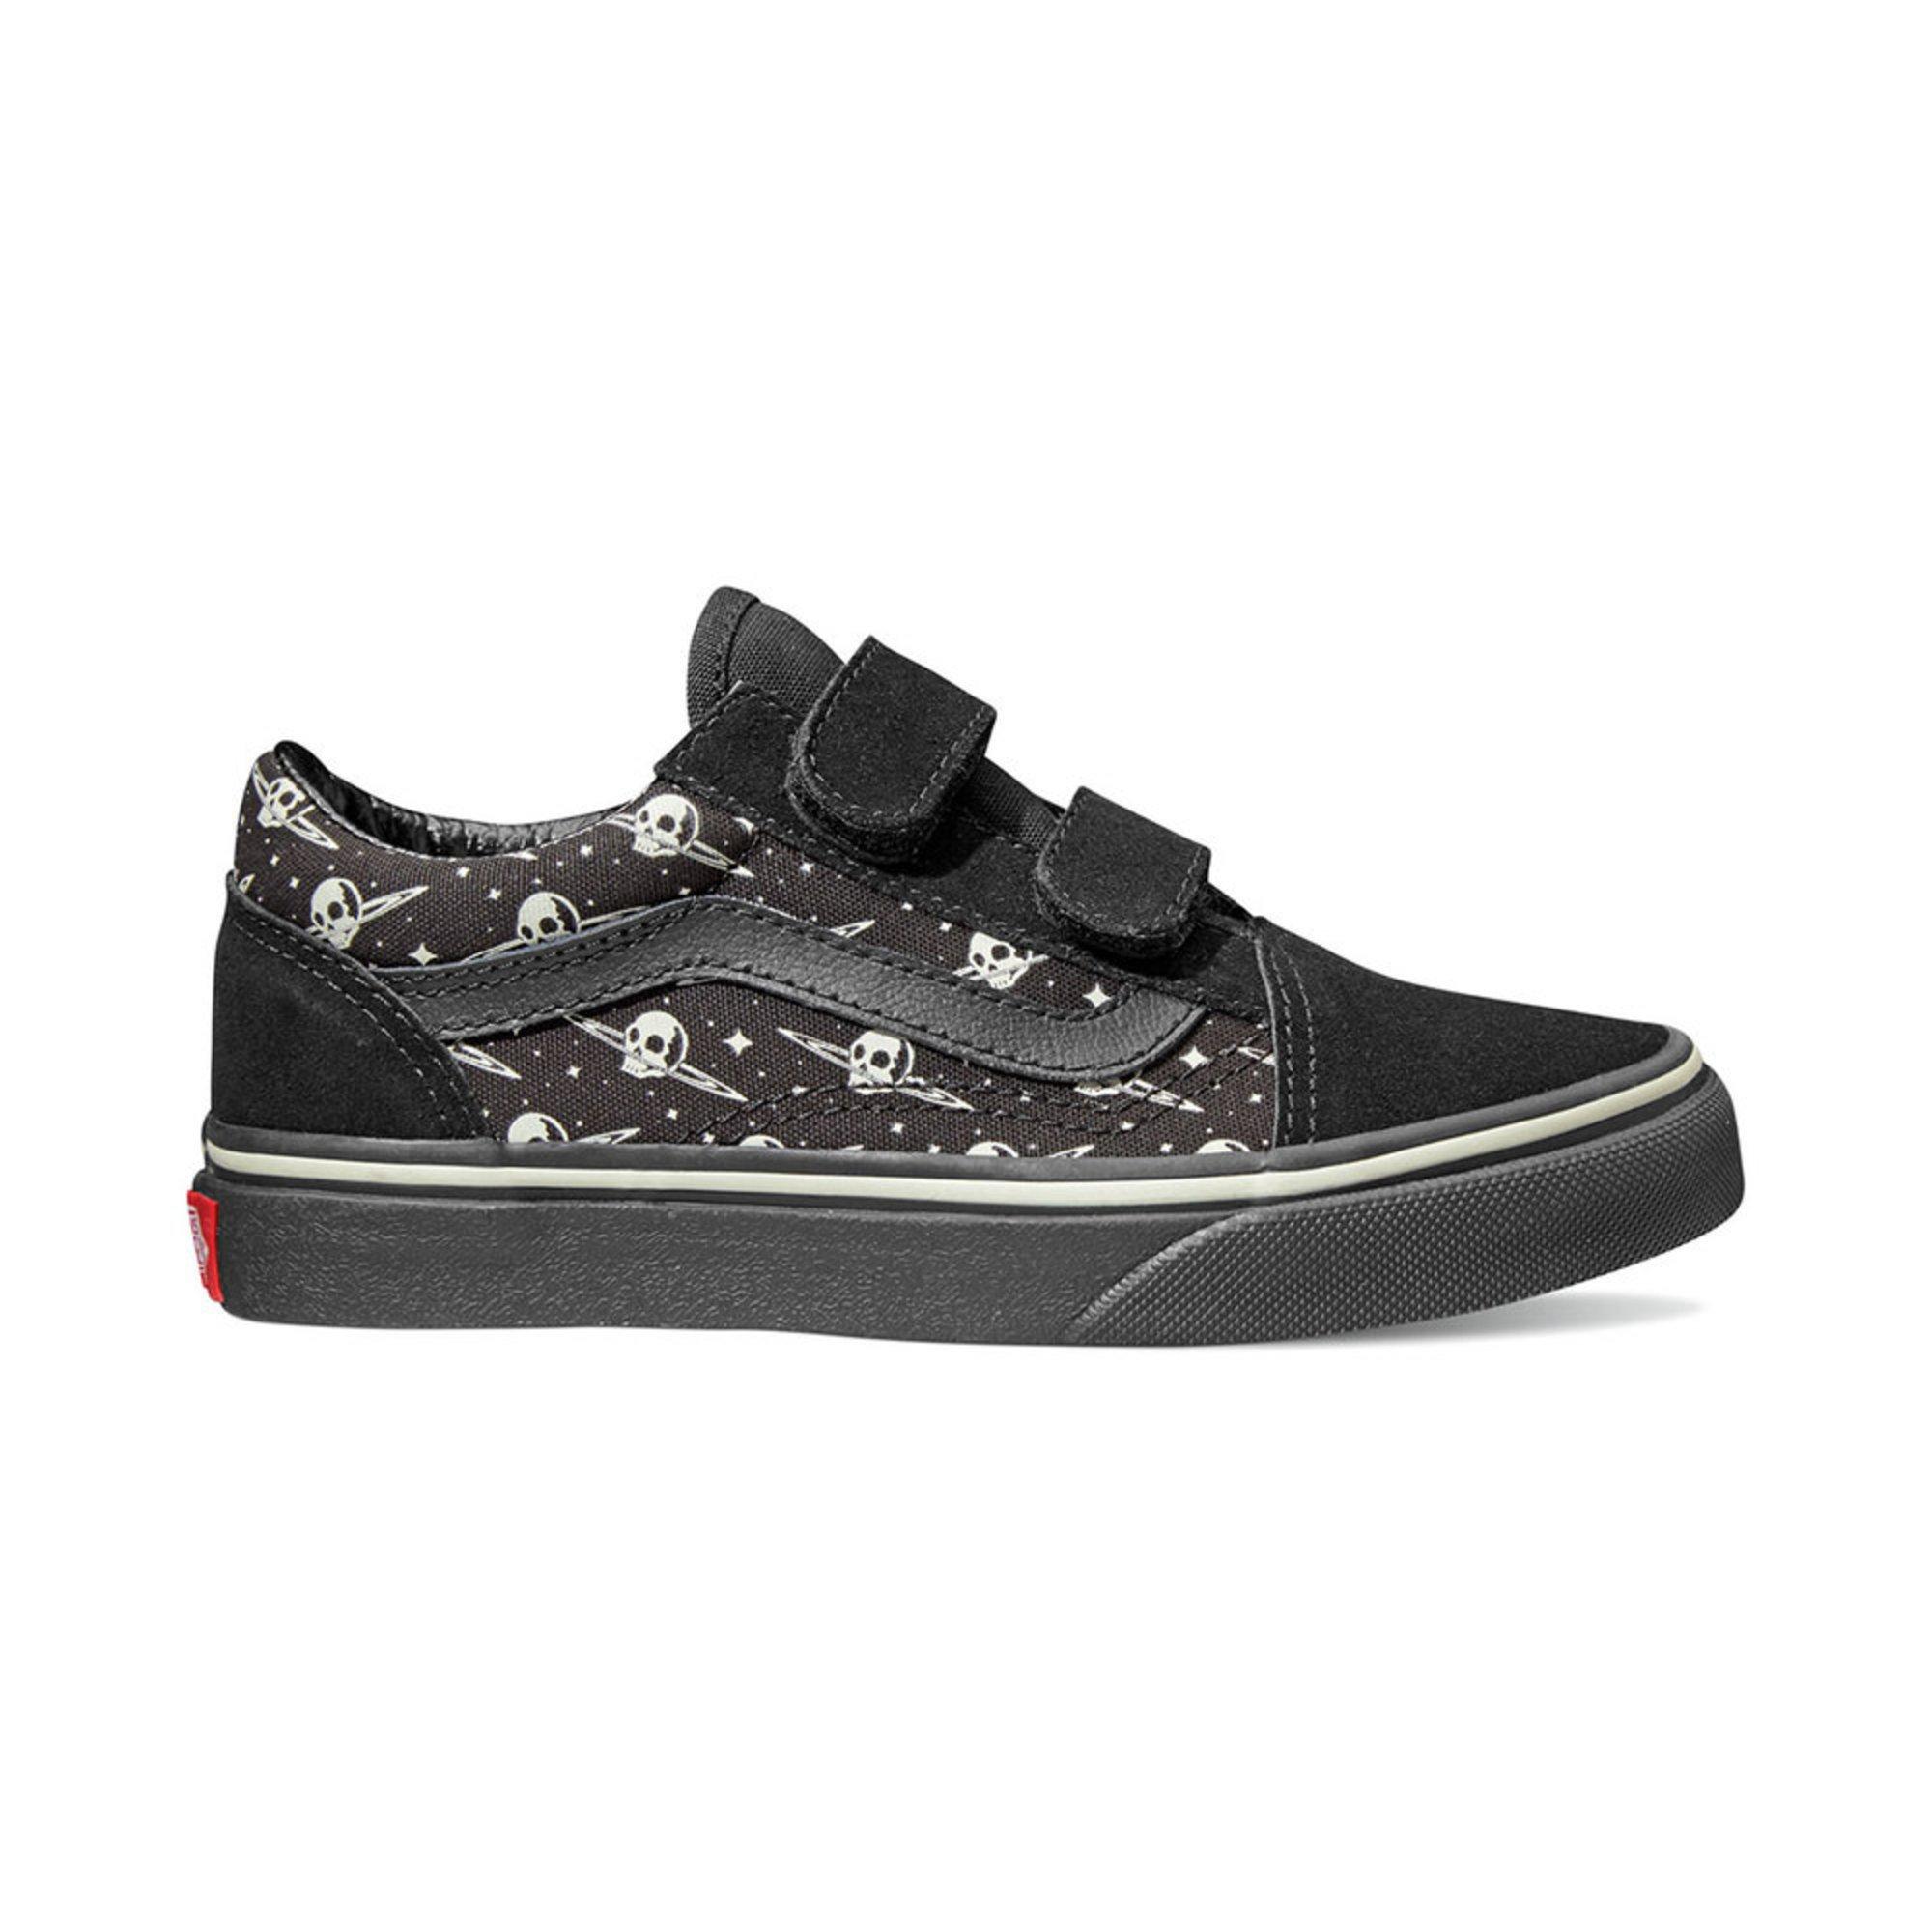 bebb5d26e90 Vans Boys Old Skool Velcro Skate Shoe (youth)